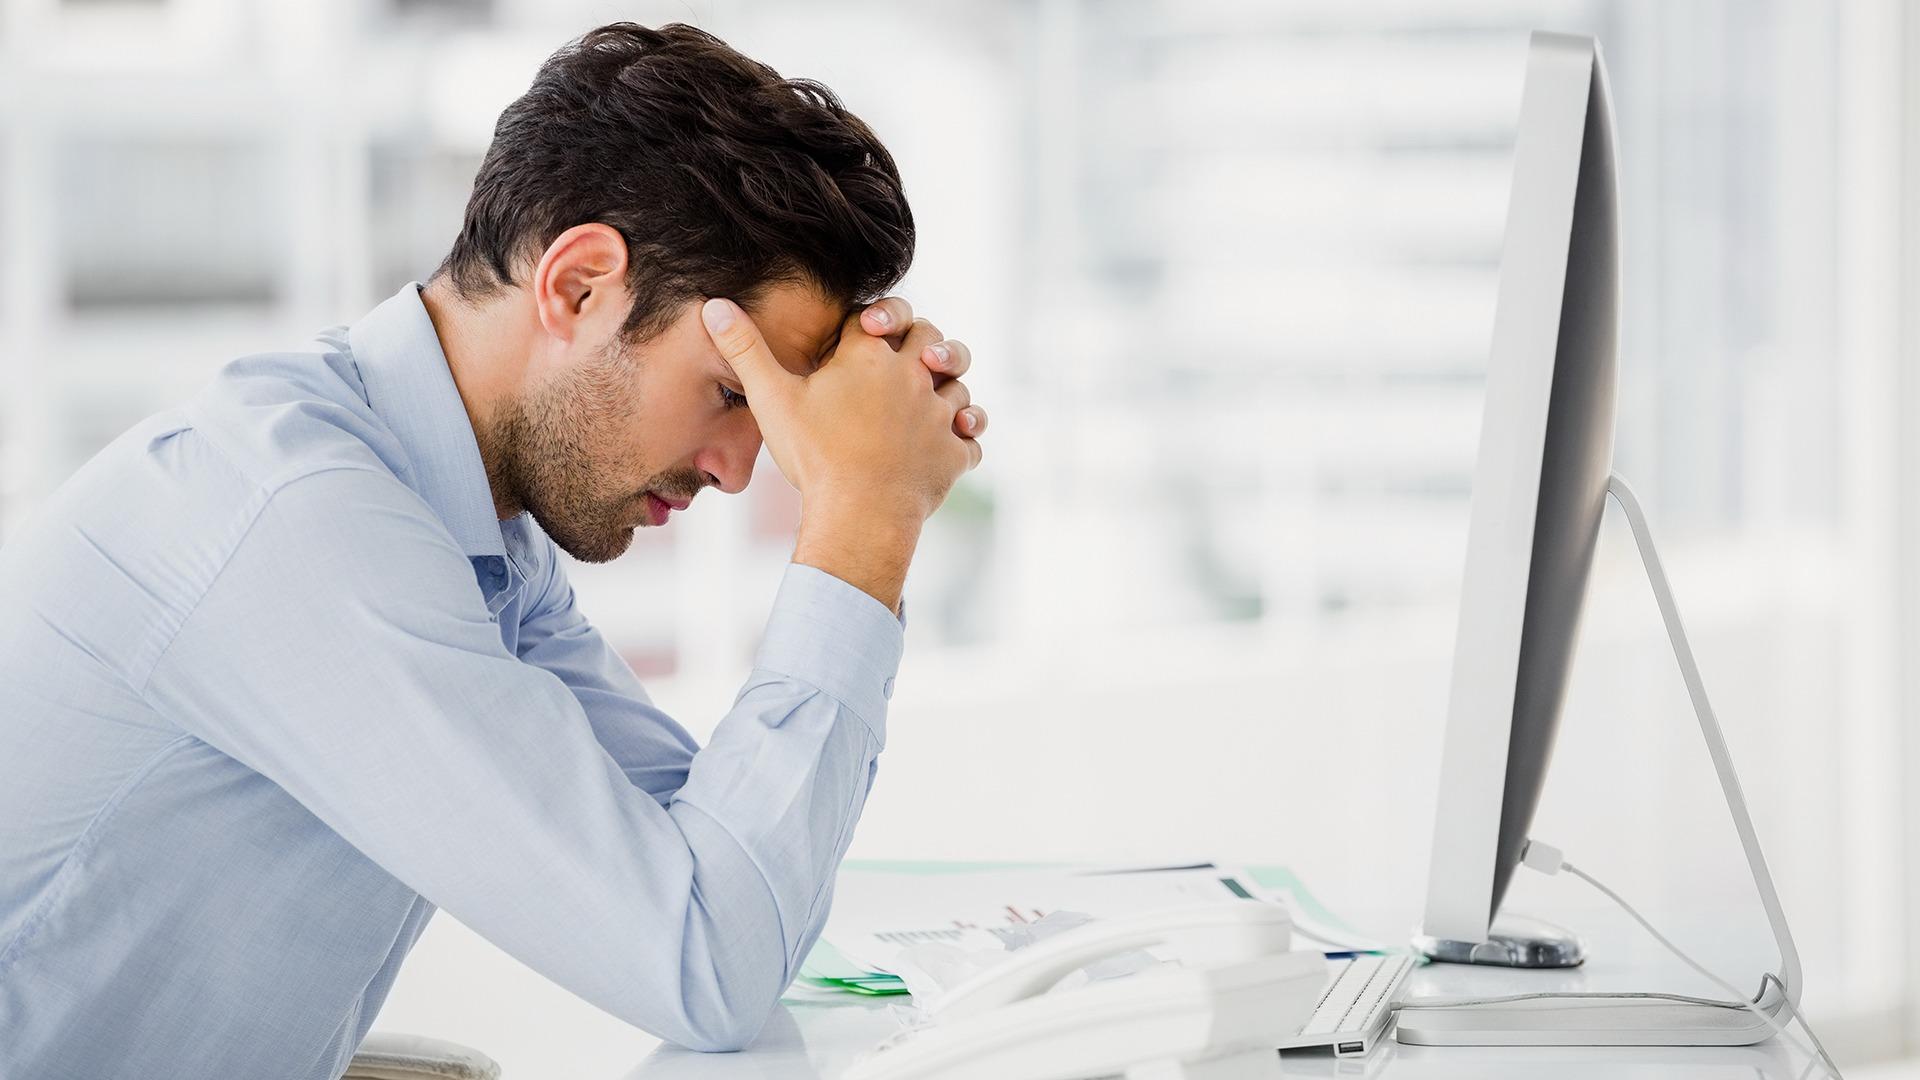 Een op acht ondernemers is depressief